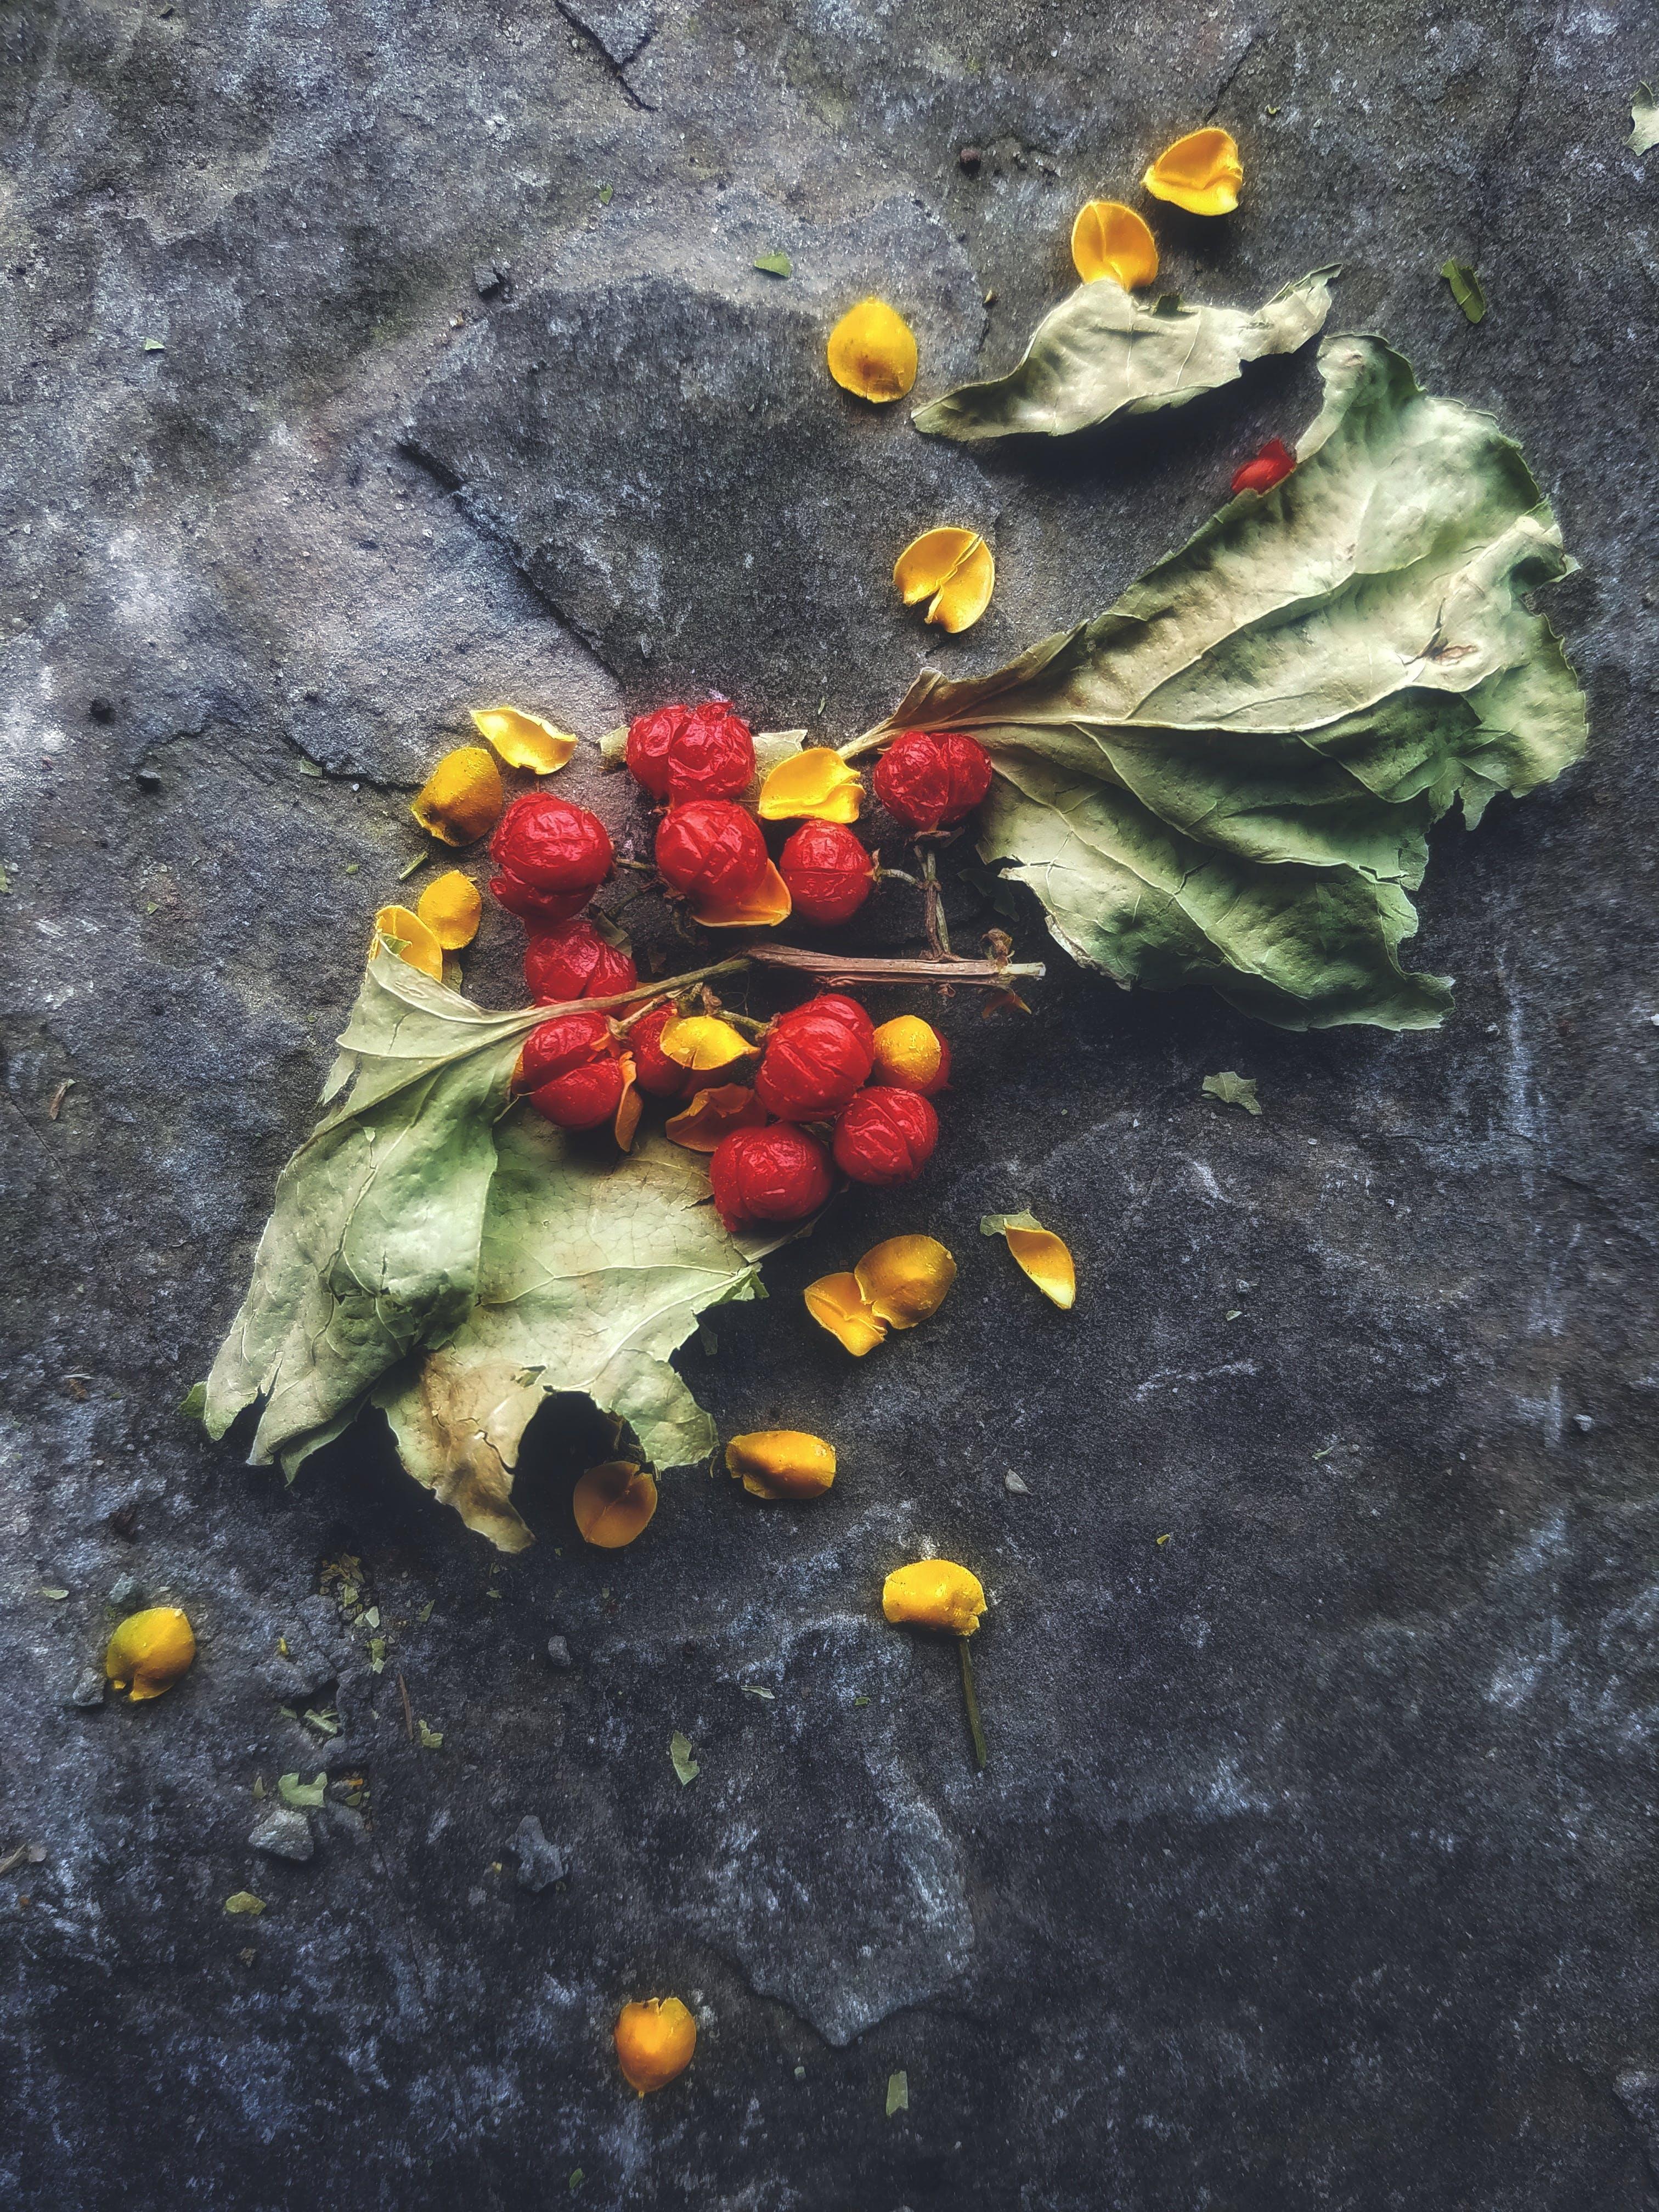 Gratis lagerfoto af frugt, tørre blade